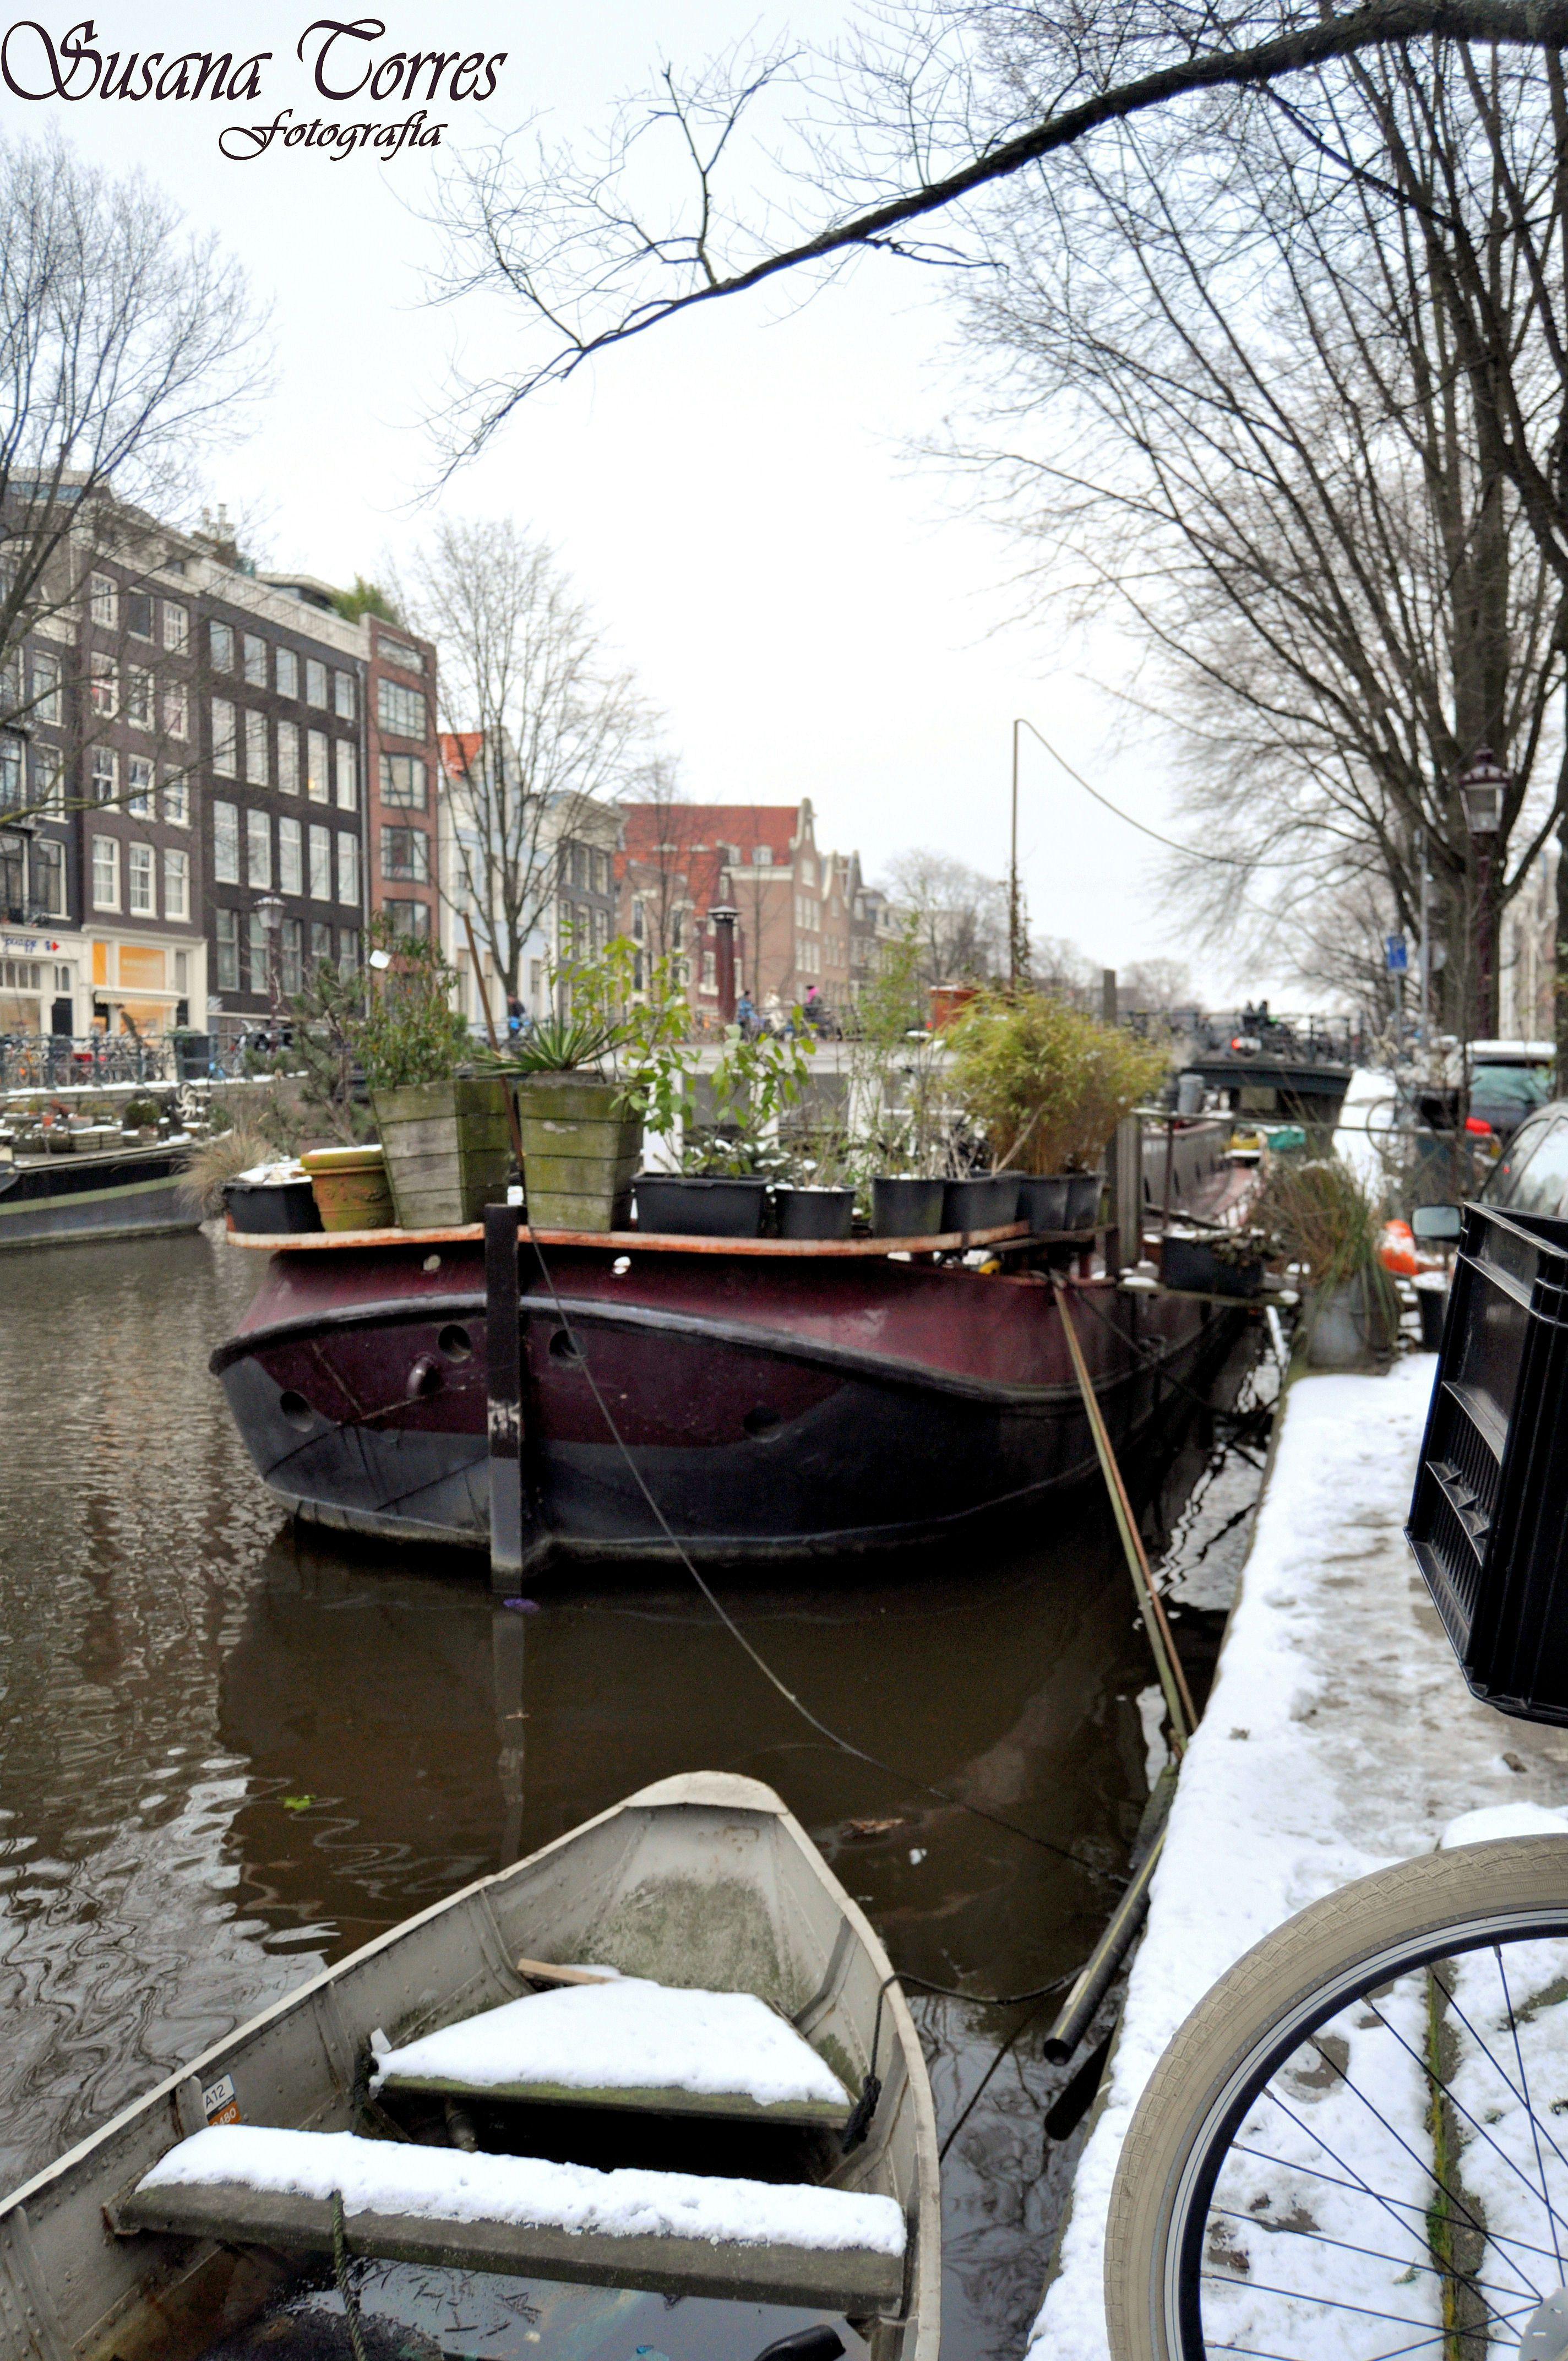 casas-barco en la ribera del canal.